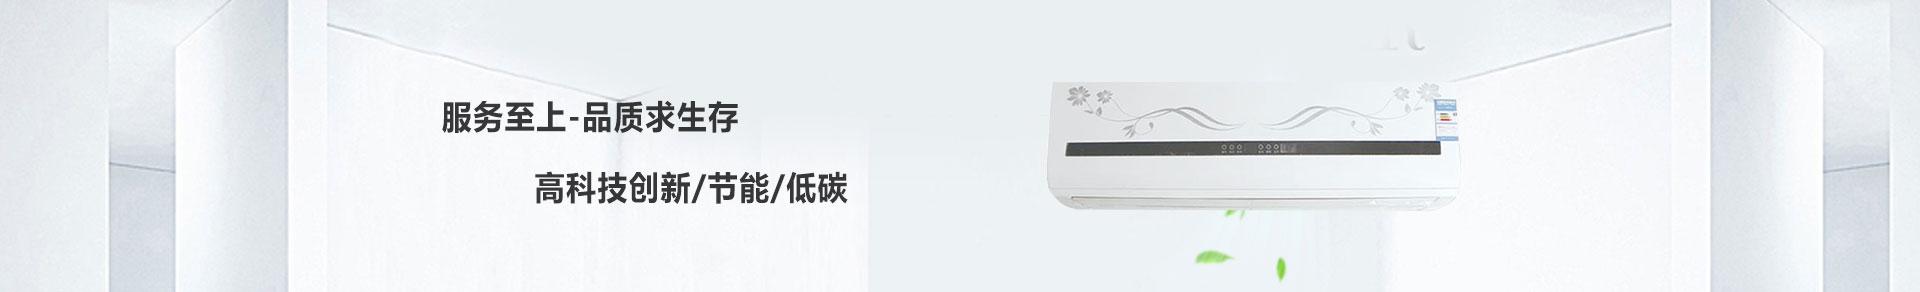 http://www.lnyzkt.cn/data/images/slide/20200302193121_967.jpg